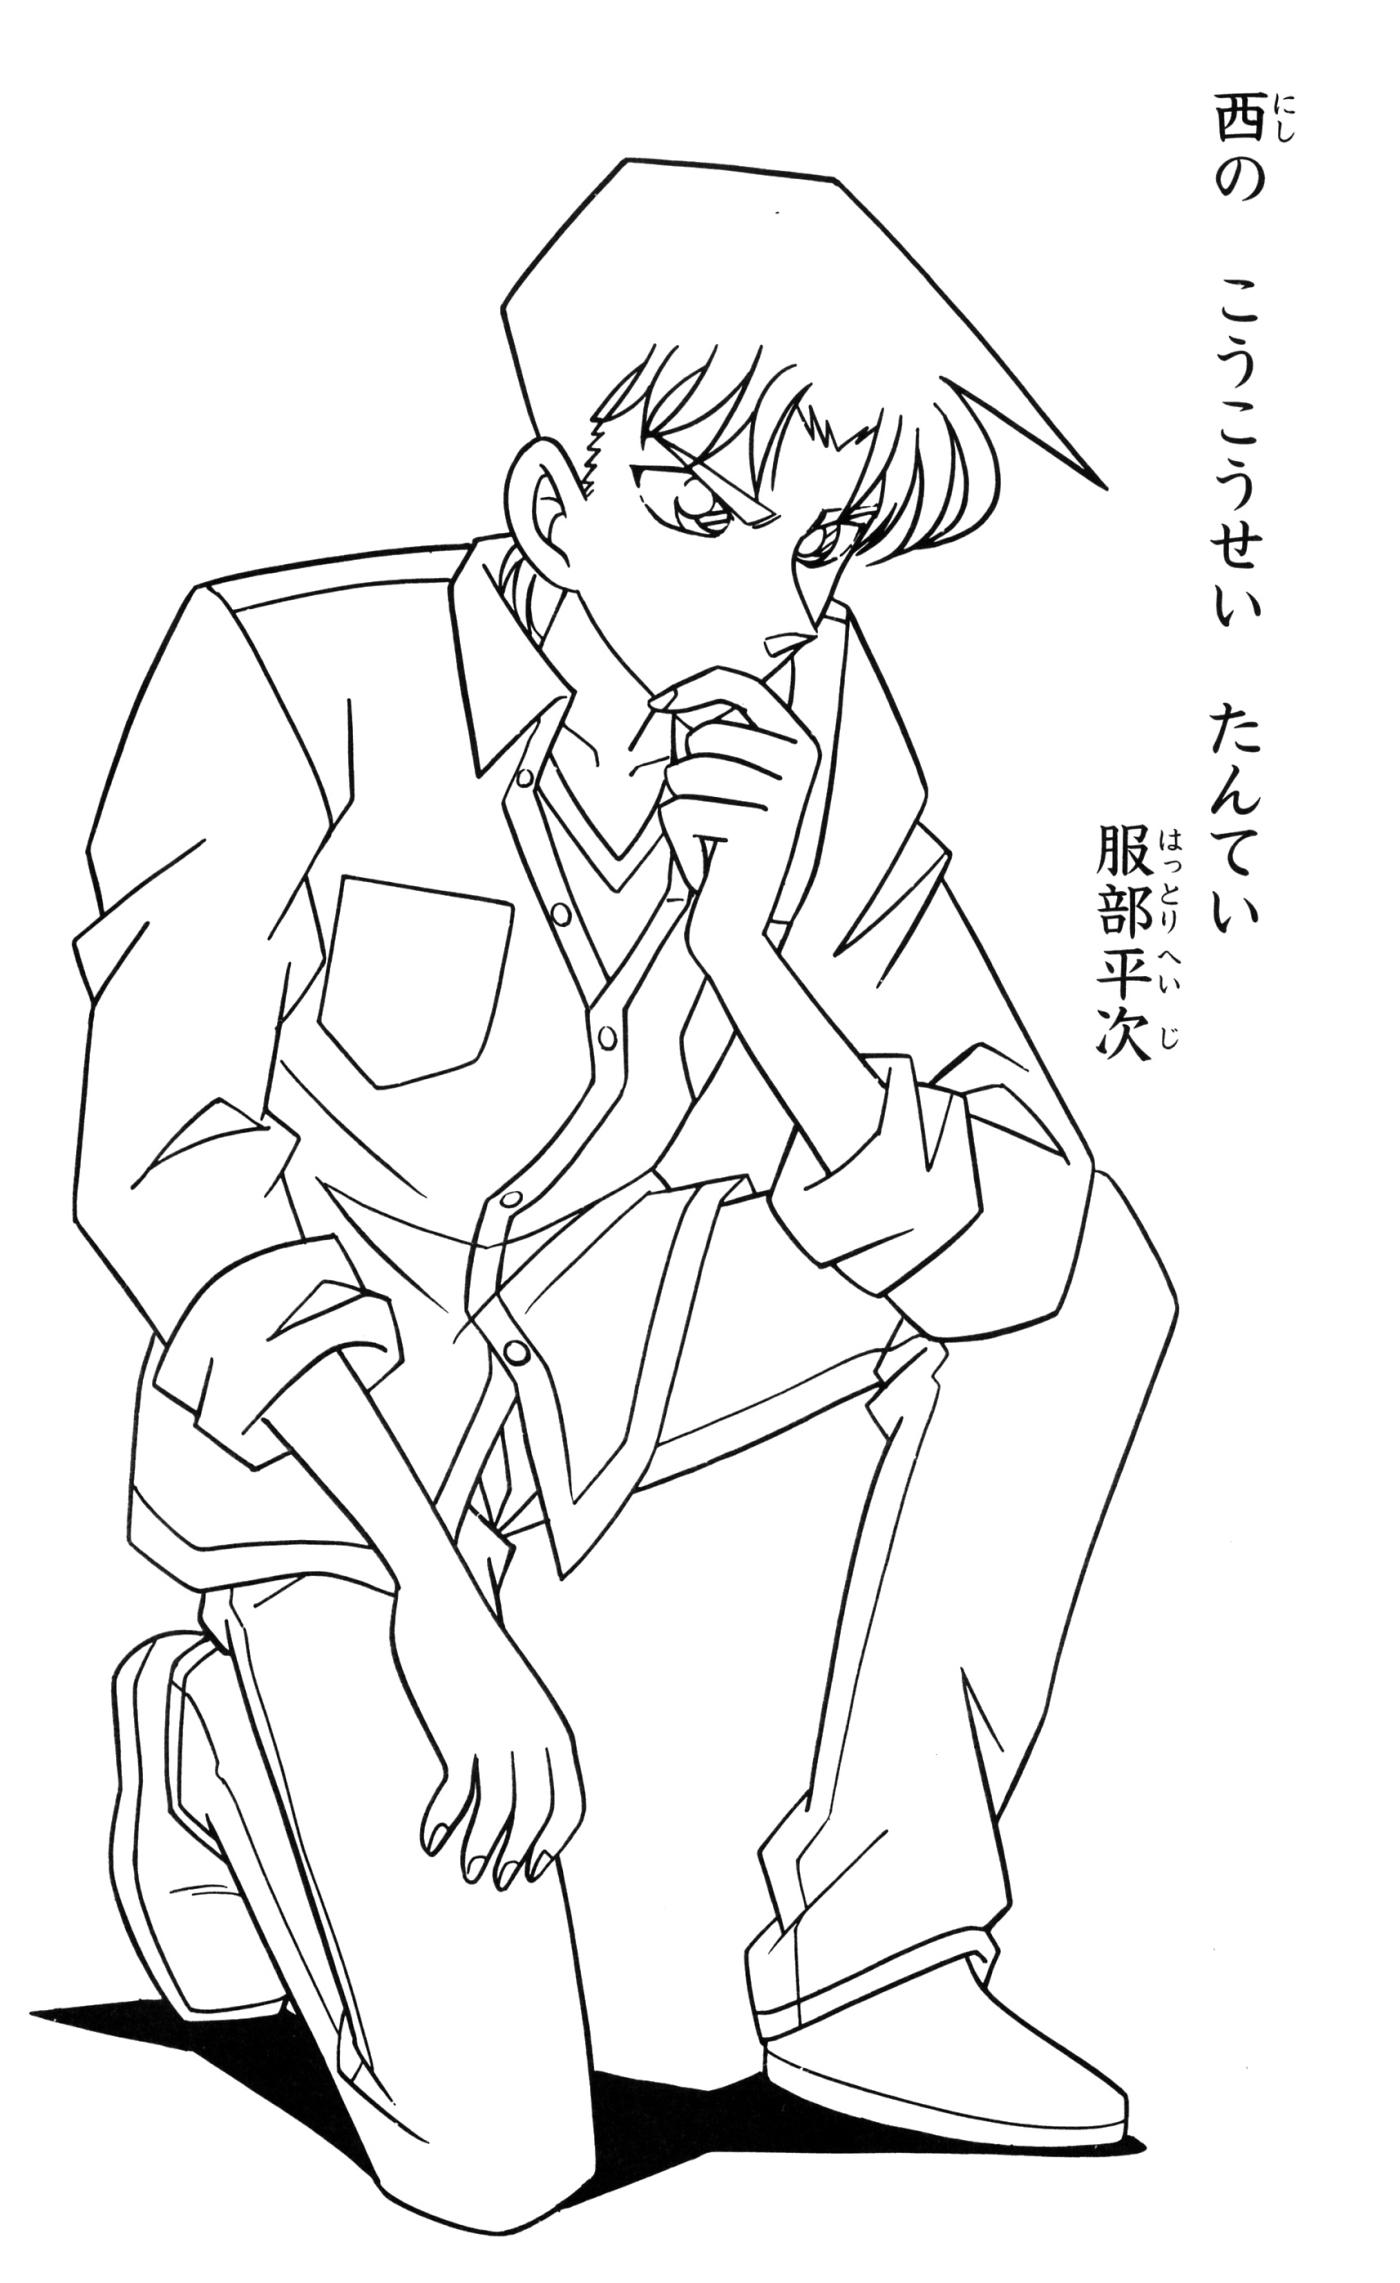 Conan Coloring Detective Conan Coloring